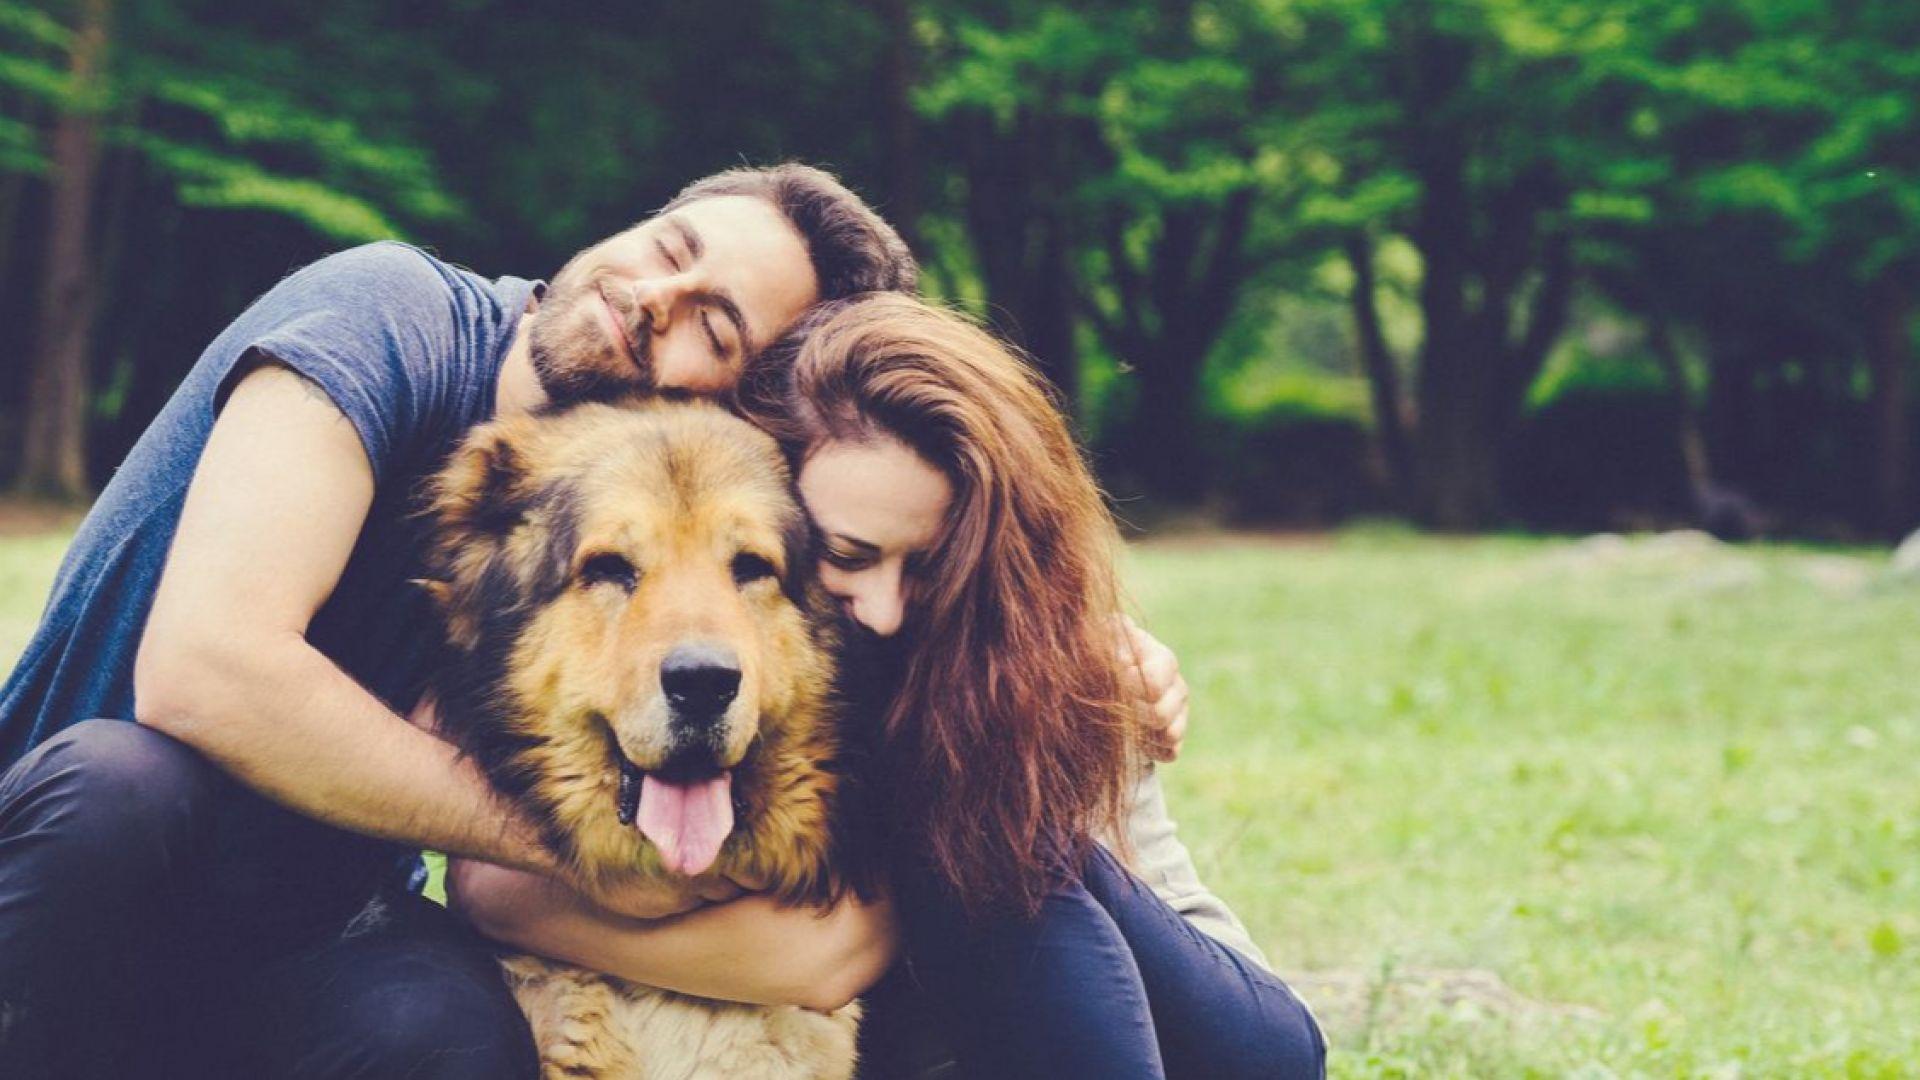 Двойките, които заедно отглеждат куче, са по-щастливи